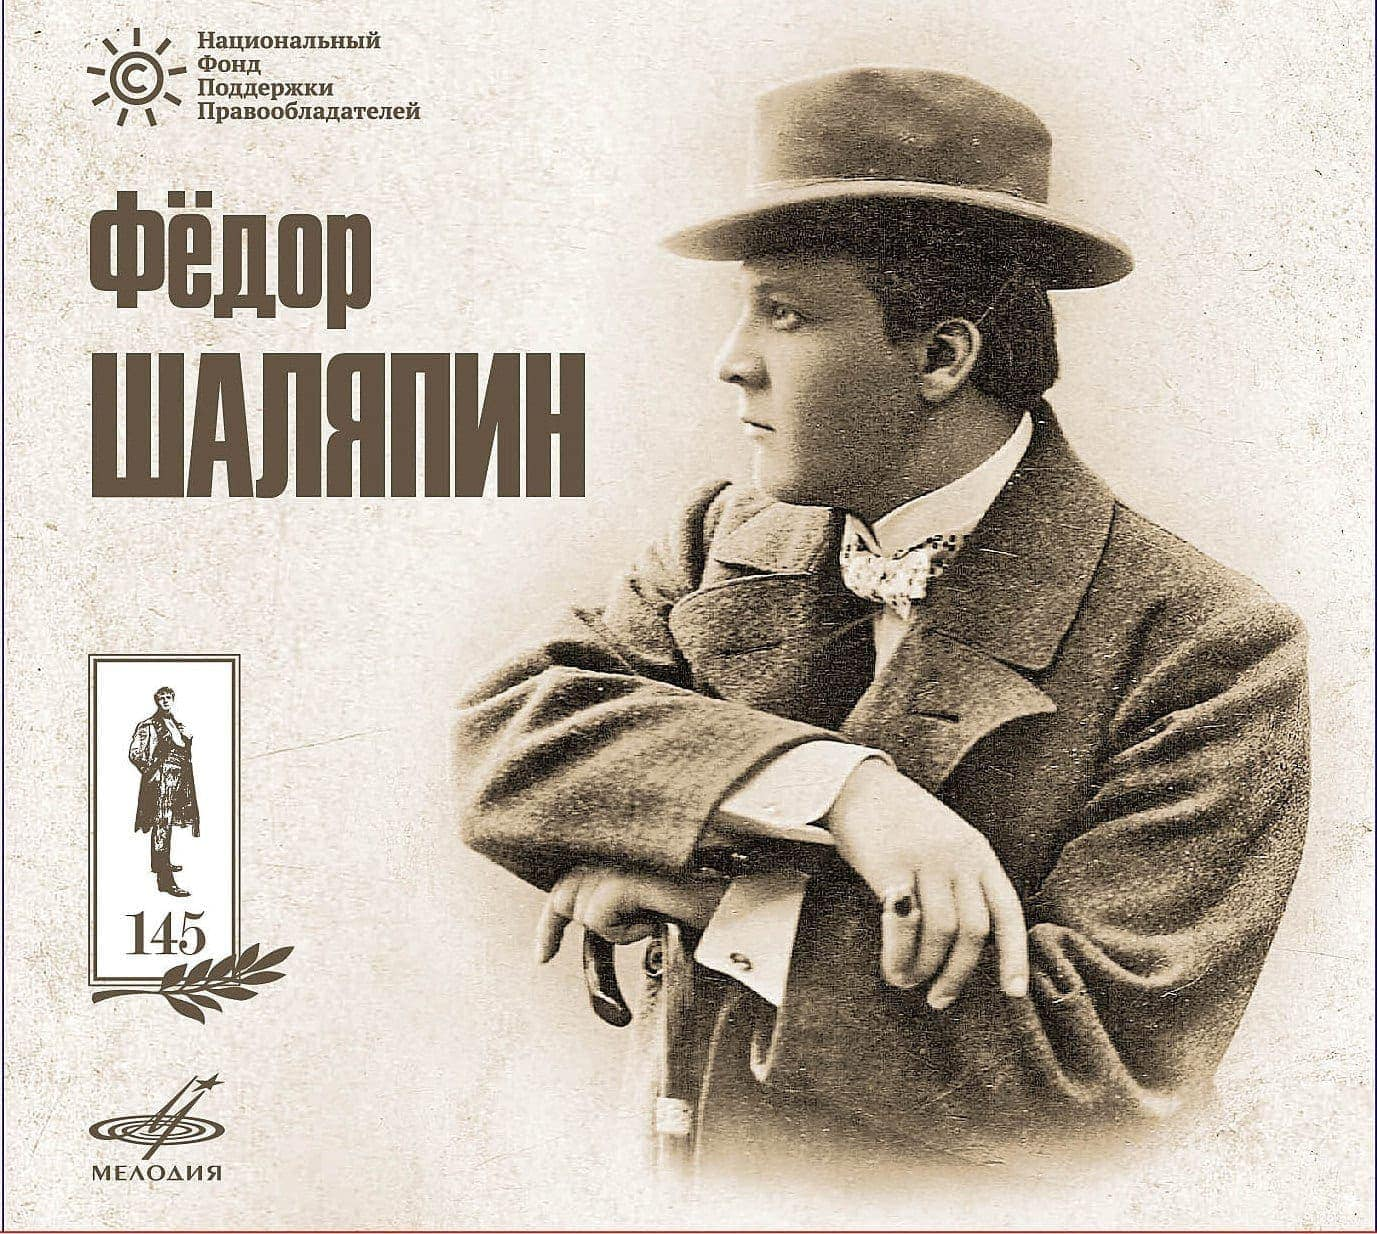 С 18 по 23 июня в Кисловодске будет проходить 28-й Шаляпинский сезон «Великий гений мира»